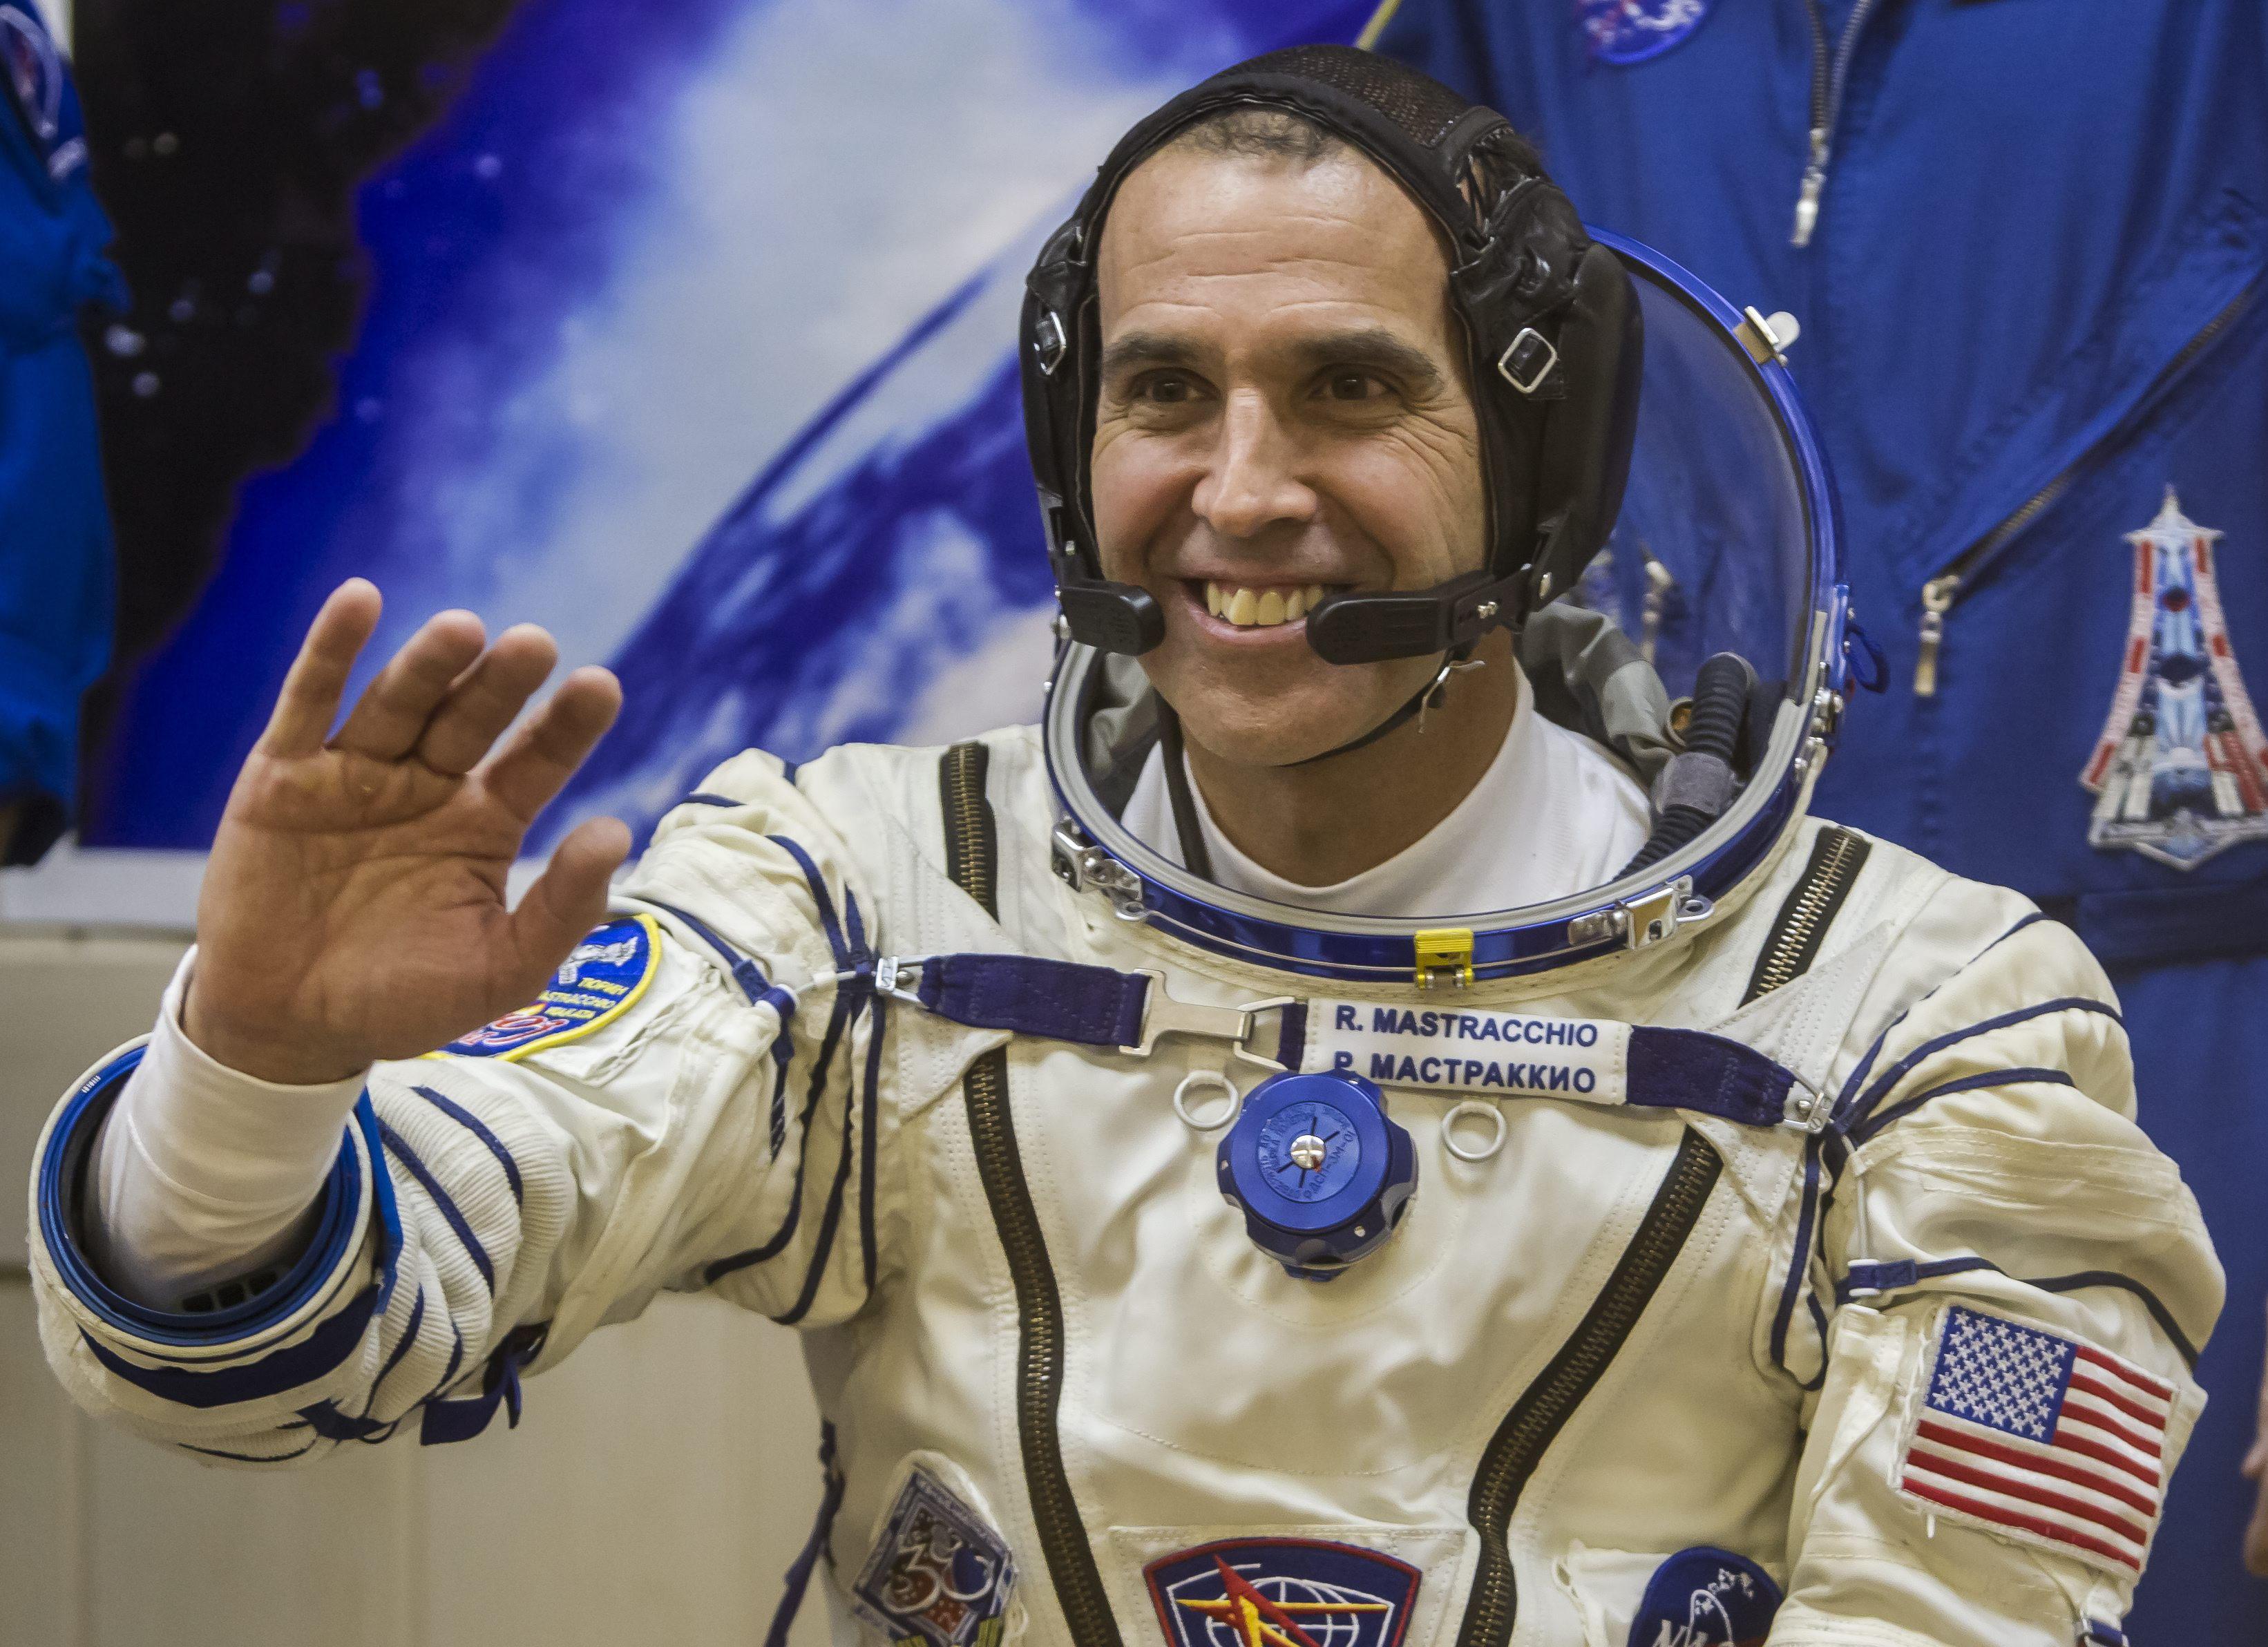 Los astronautas inician la segunda caminata espacial para reparar el fallo en la EEI